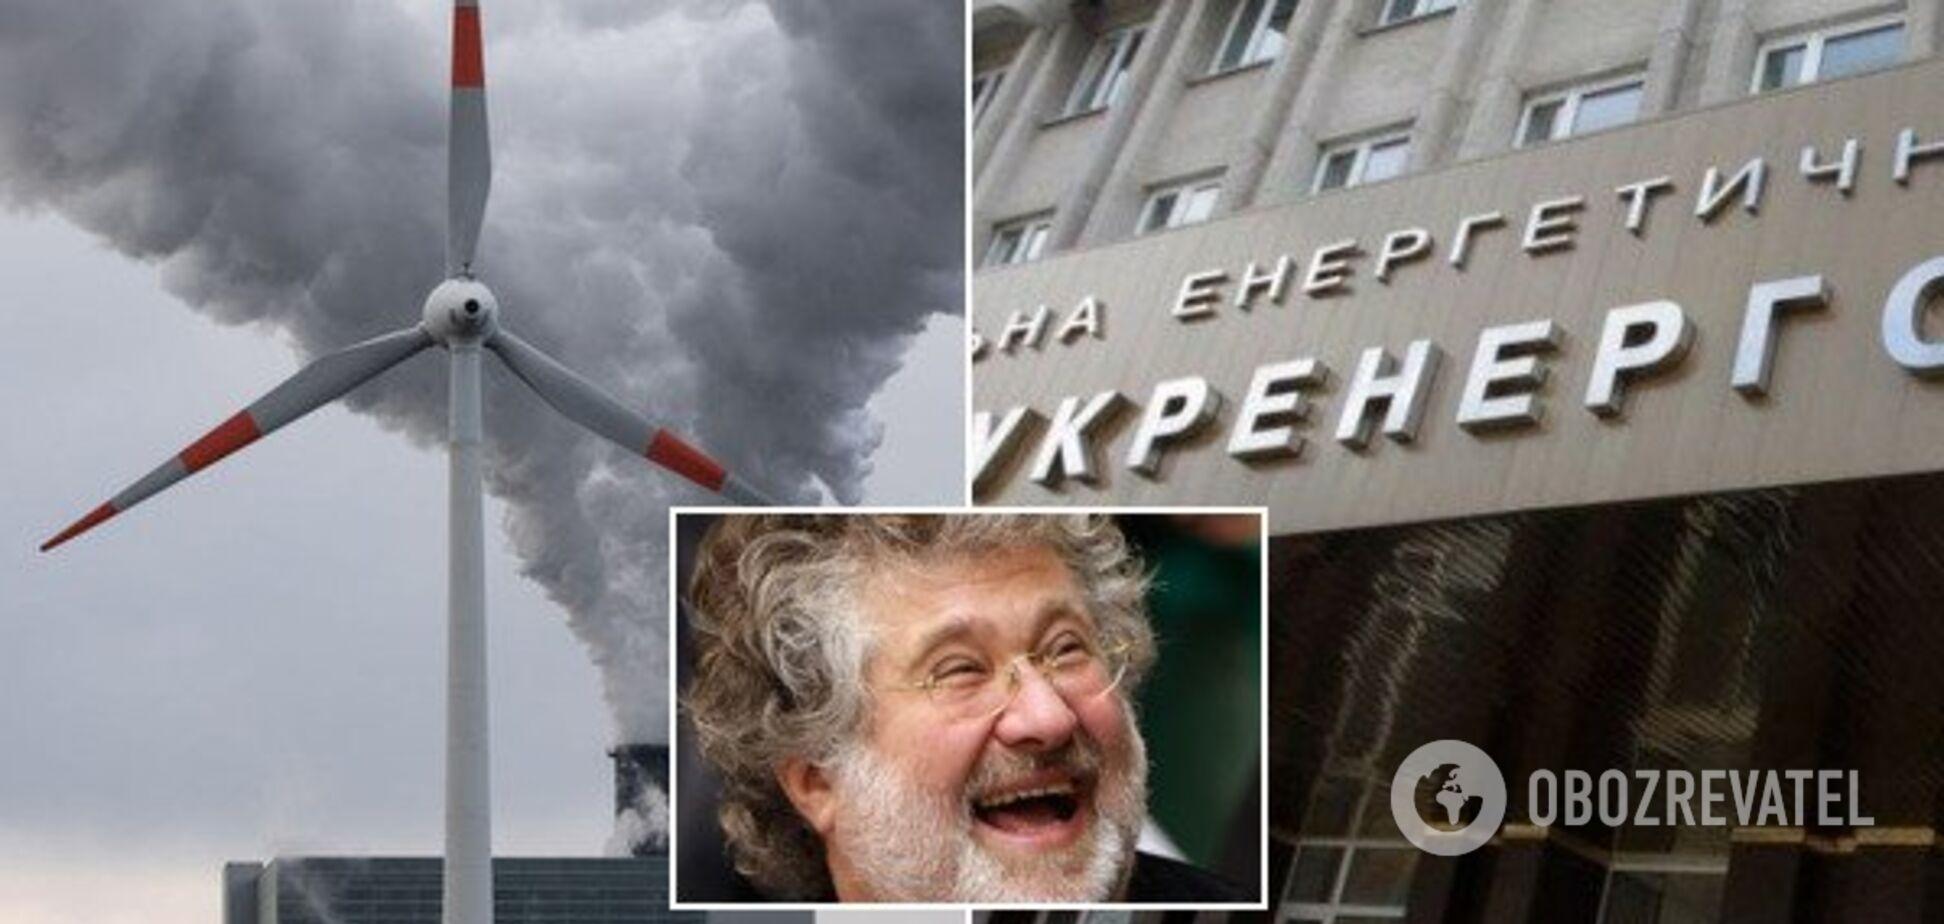 Виплати за 'зеленим тарифом' під загрозою через Коломойського: мільйони заблоковані на рахунках